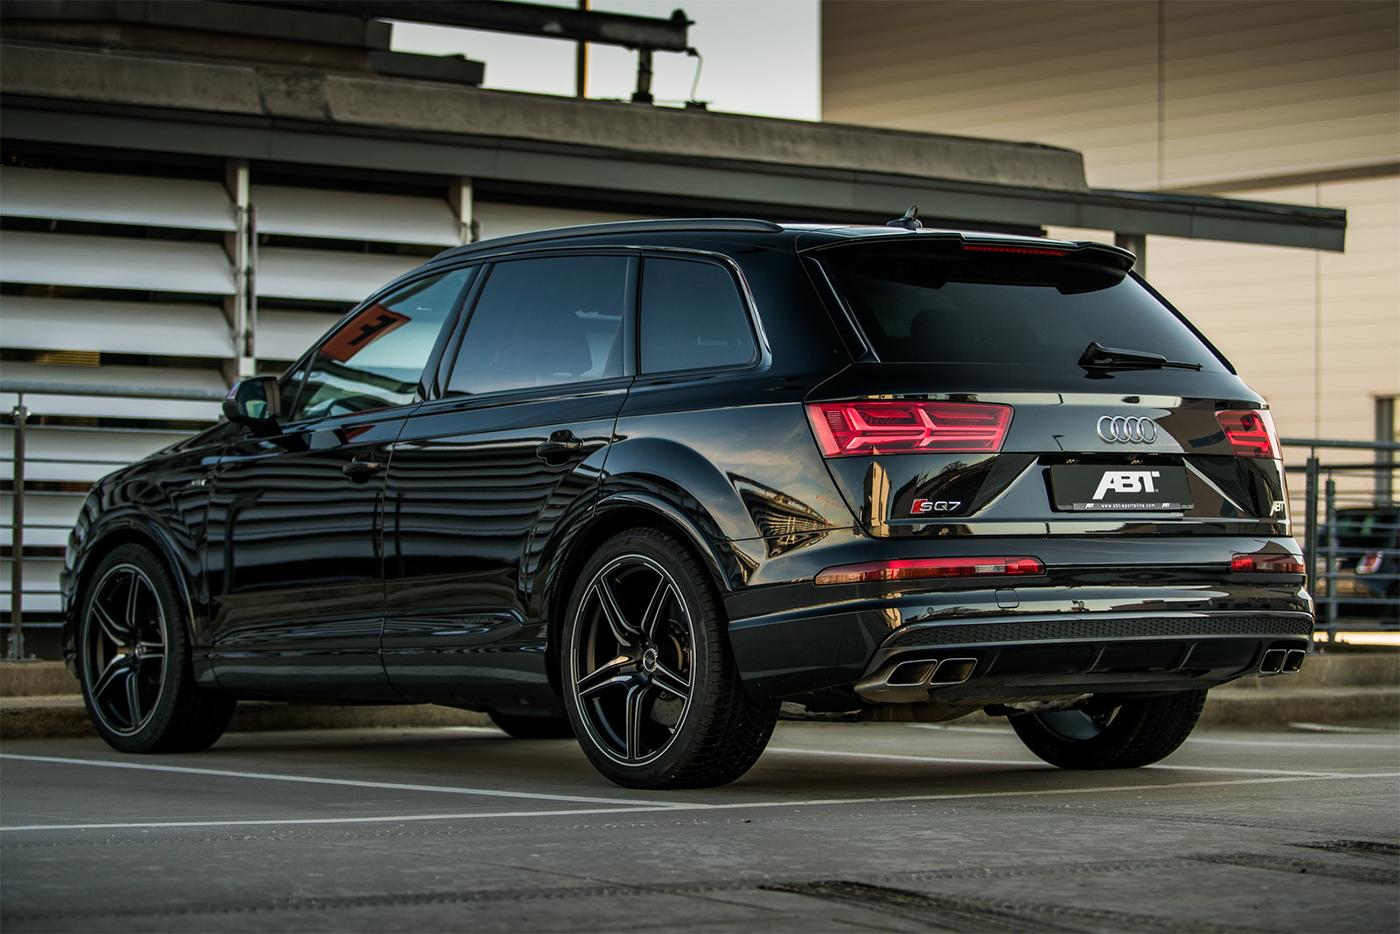 Cận cảnh Audi SQ7 độ từ thiết kế đến động cơ của hãng độ ABT Sportsline-3.jpg